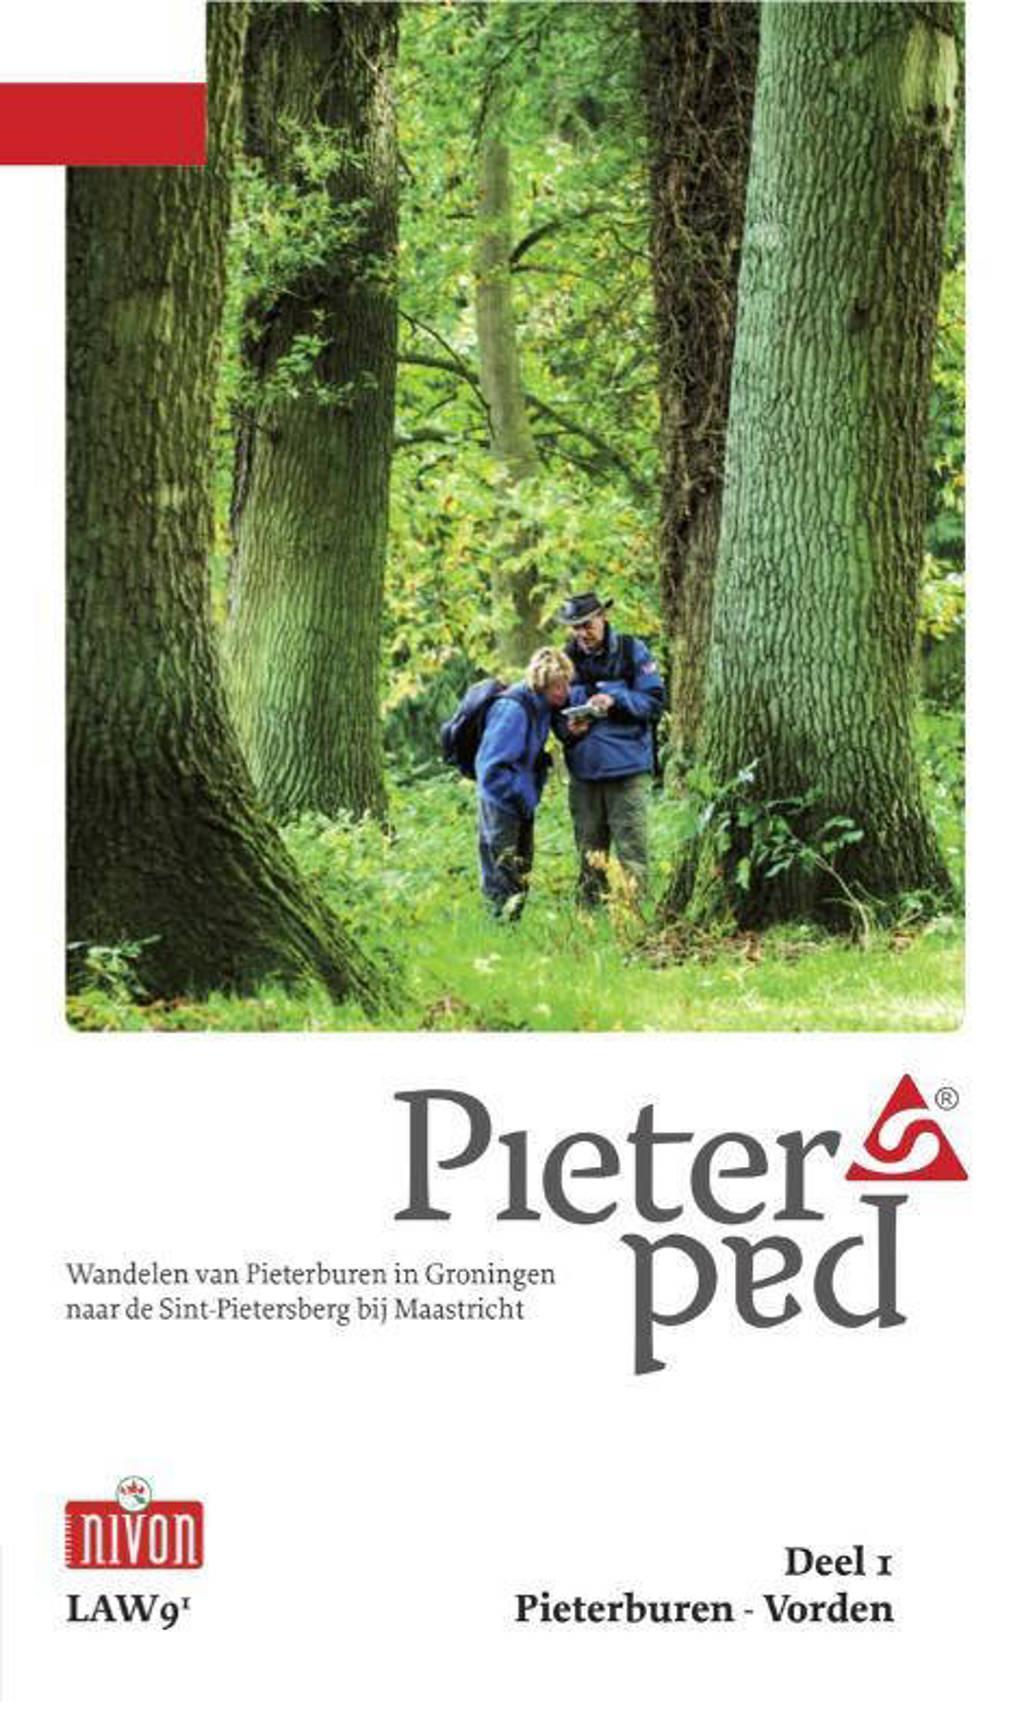 LAW: Pieterpad Deel 1 Pieterburen - Vorden - Maarten Goorhuis, Wim van der Ende en Kees Volkers